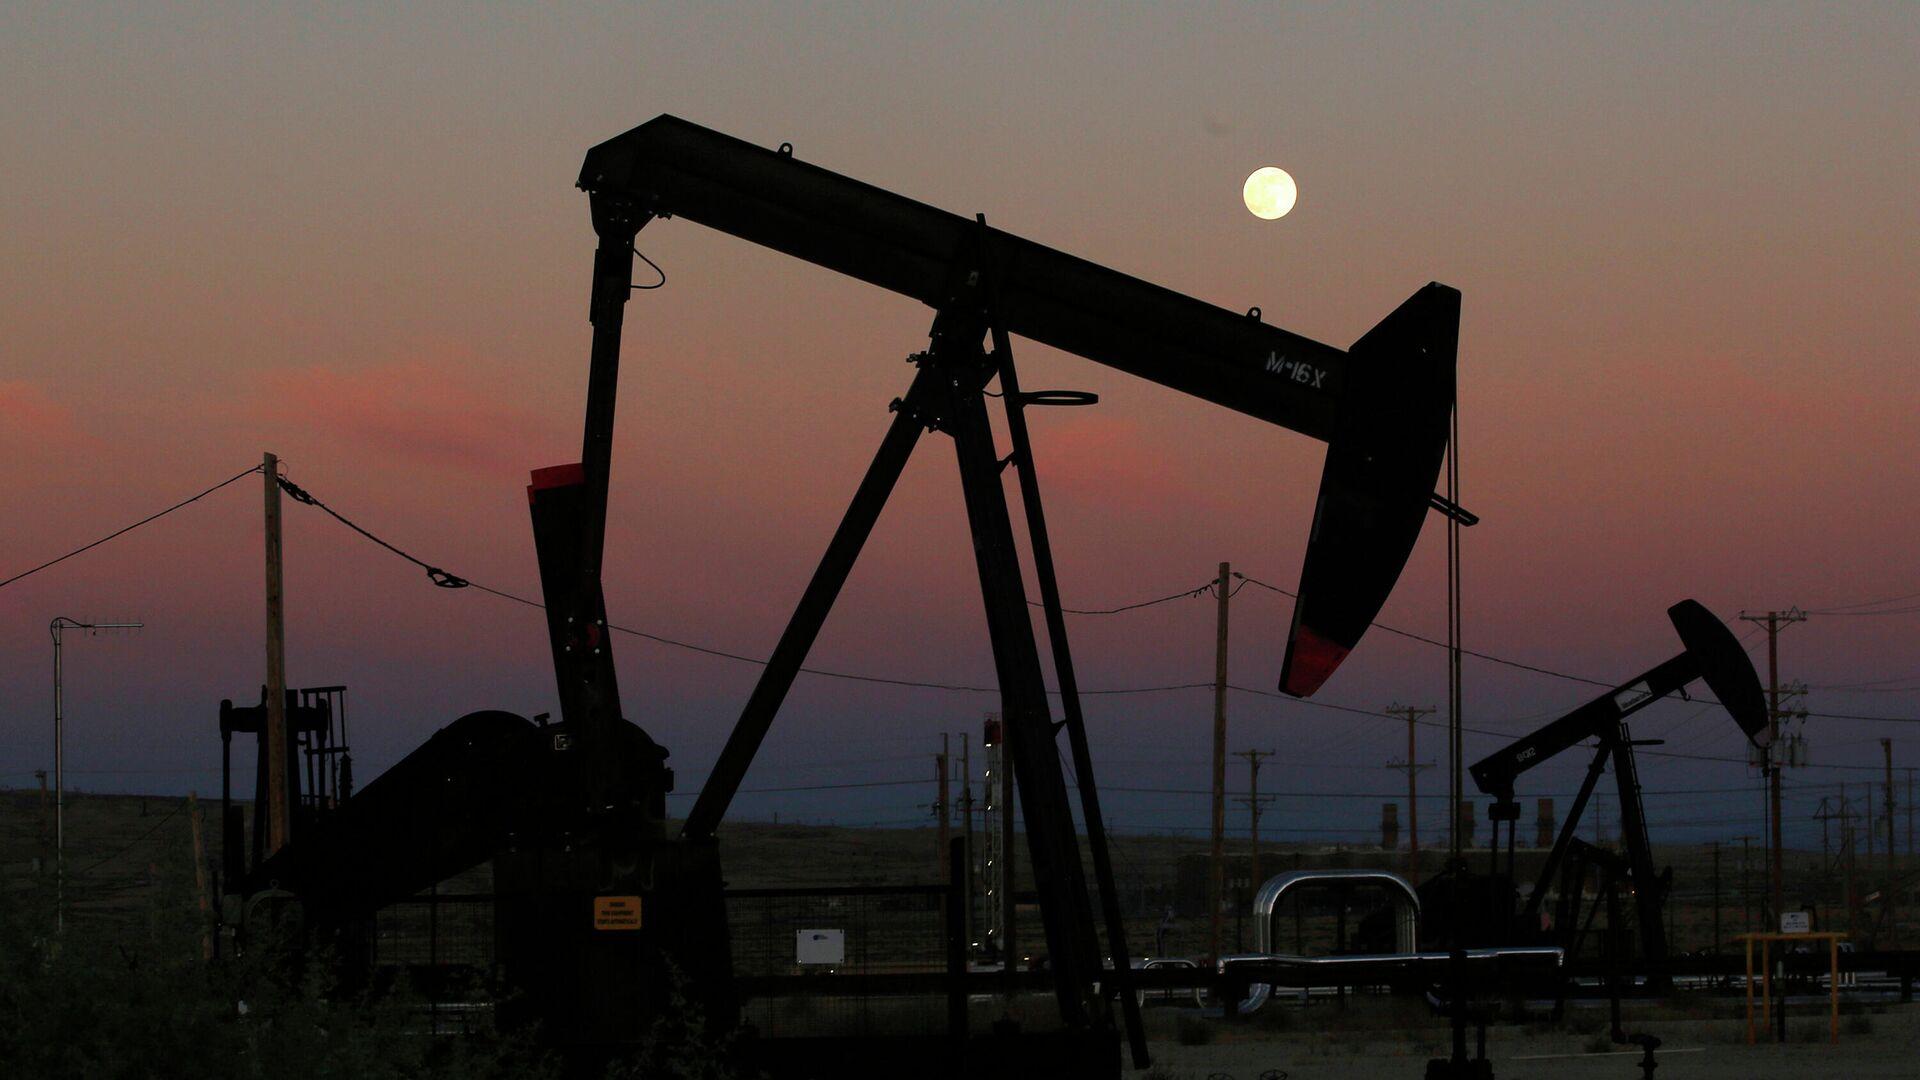 Нефтяные вышки в Маккитрике, штат Калифорния - РИА Новости, 1920, 23.02.2021